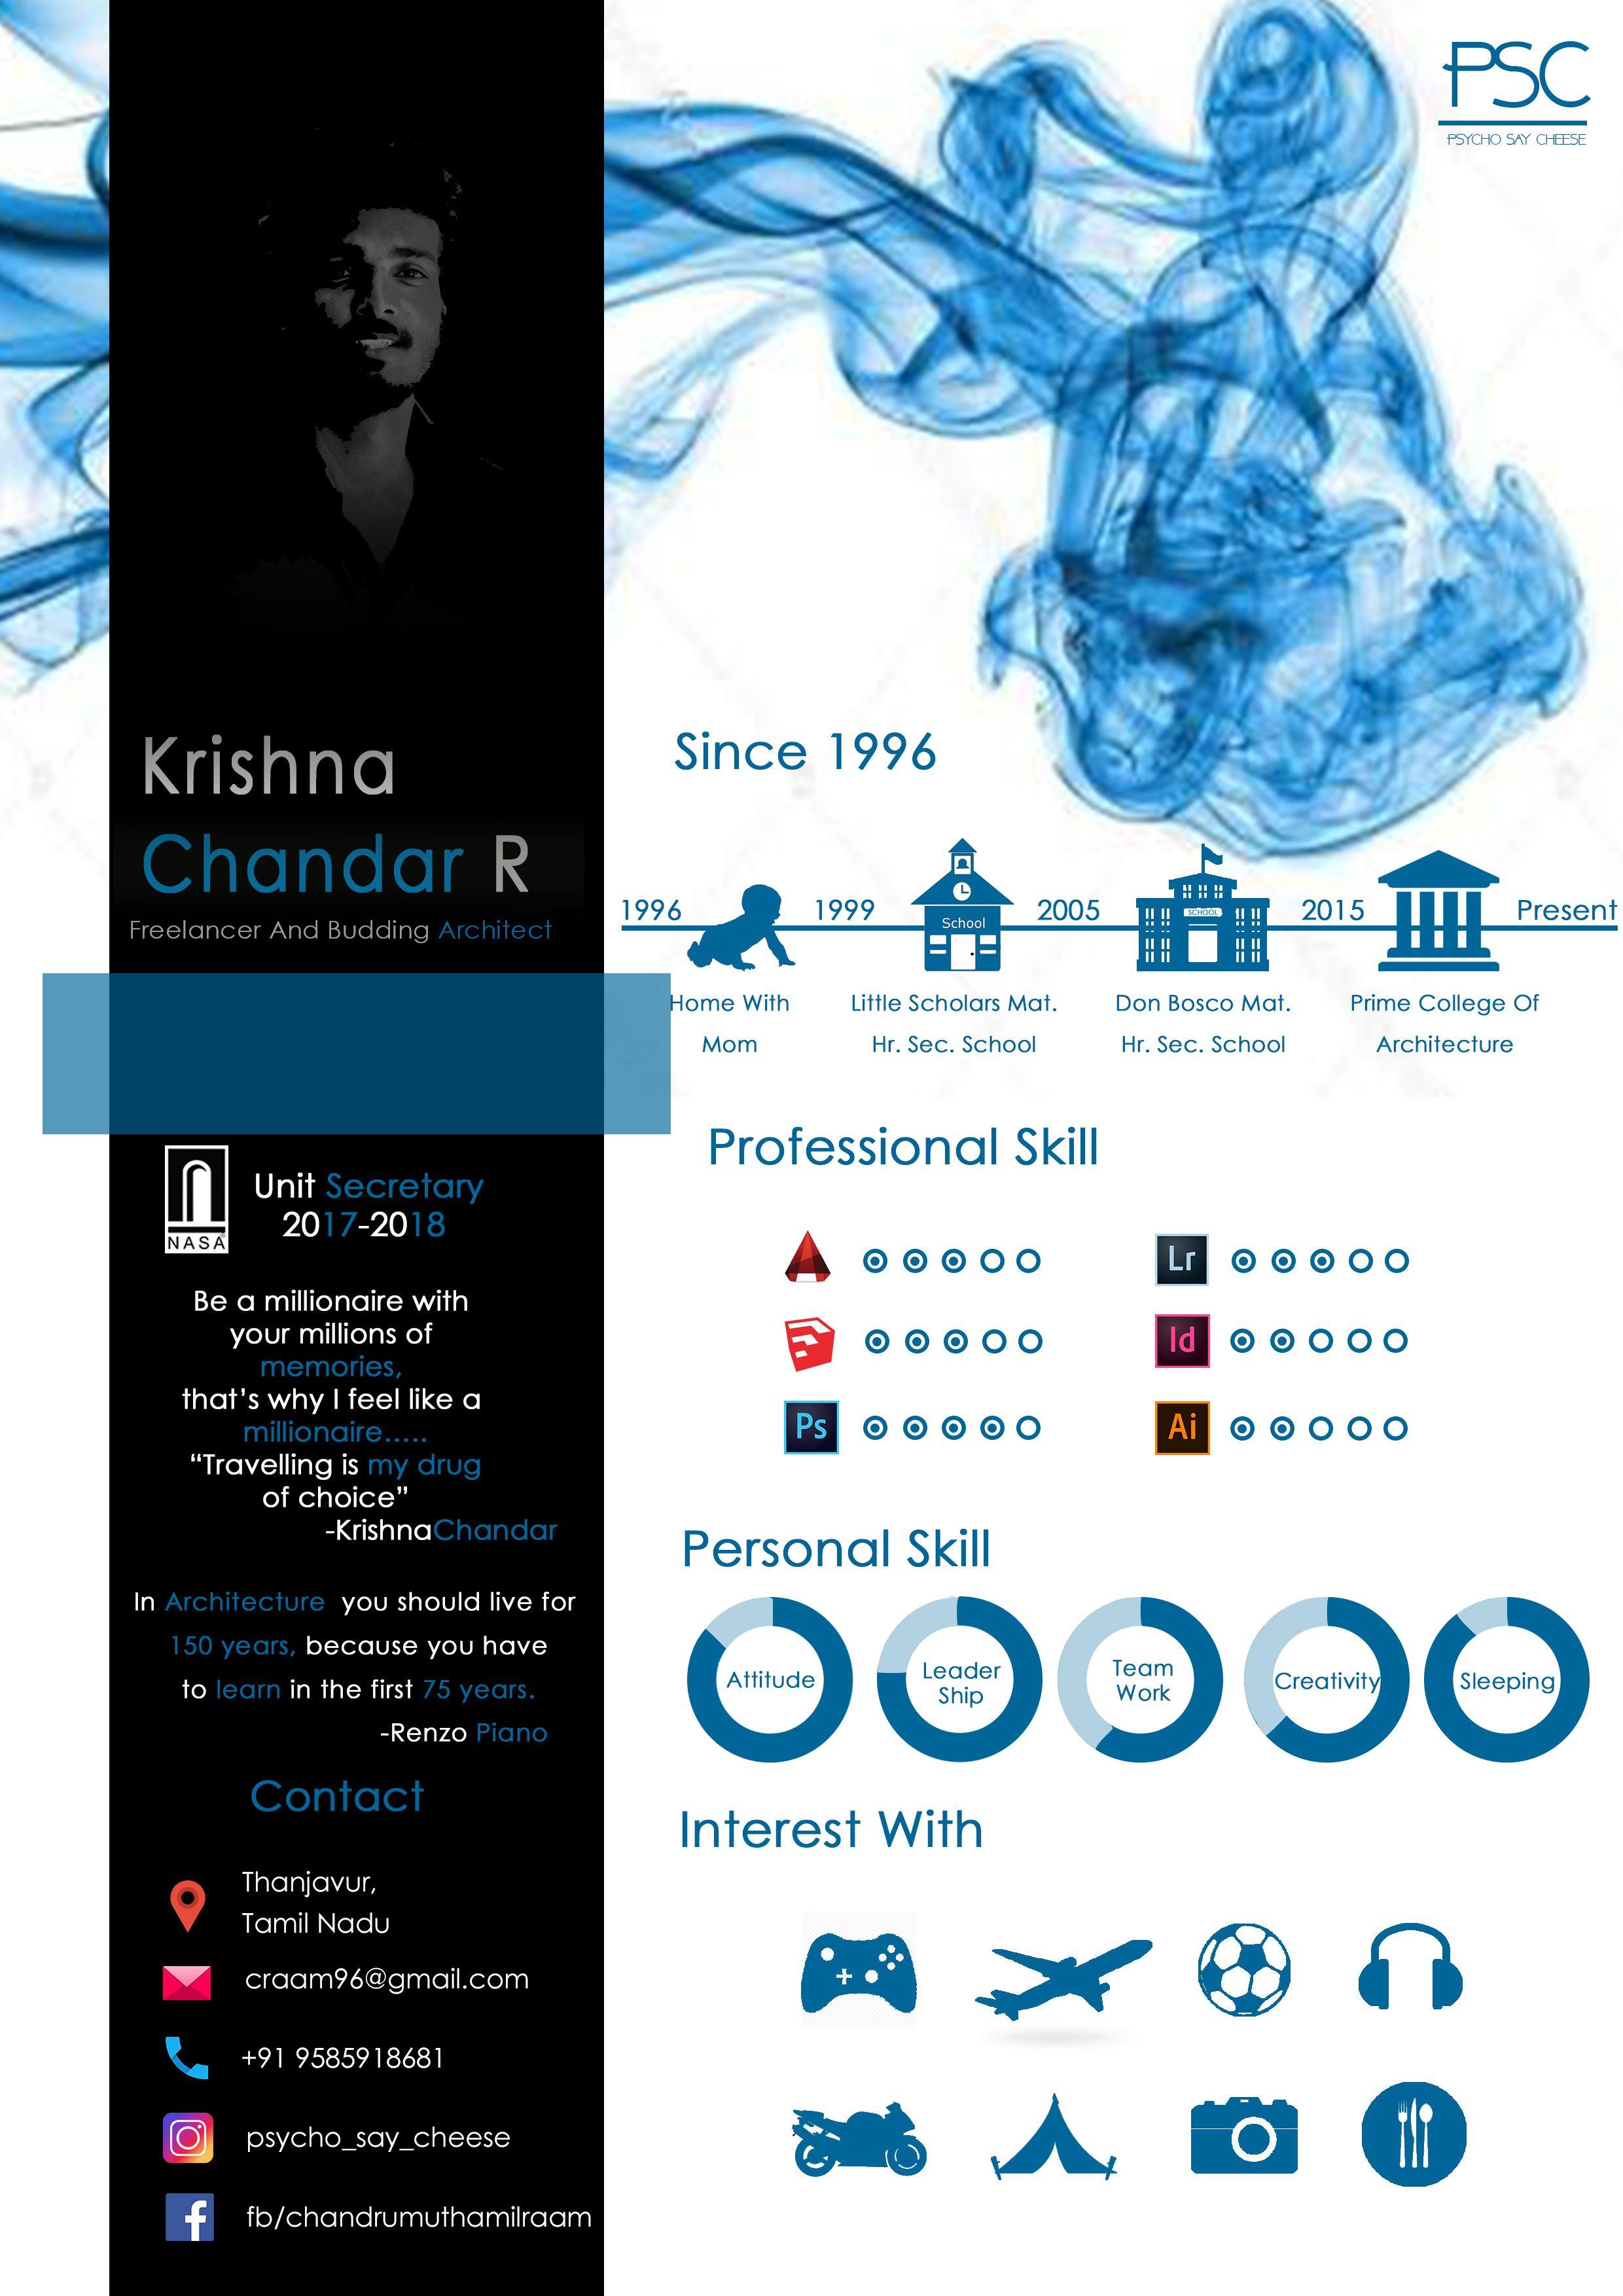 Pin By Chandru On Architecture: Architecture Resume Architecture Portfolio